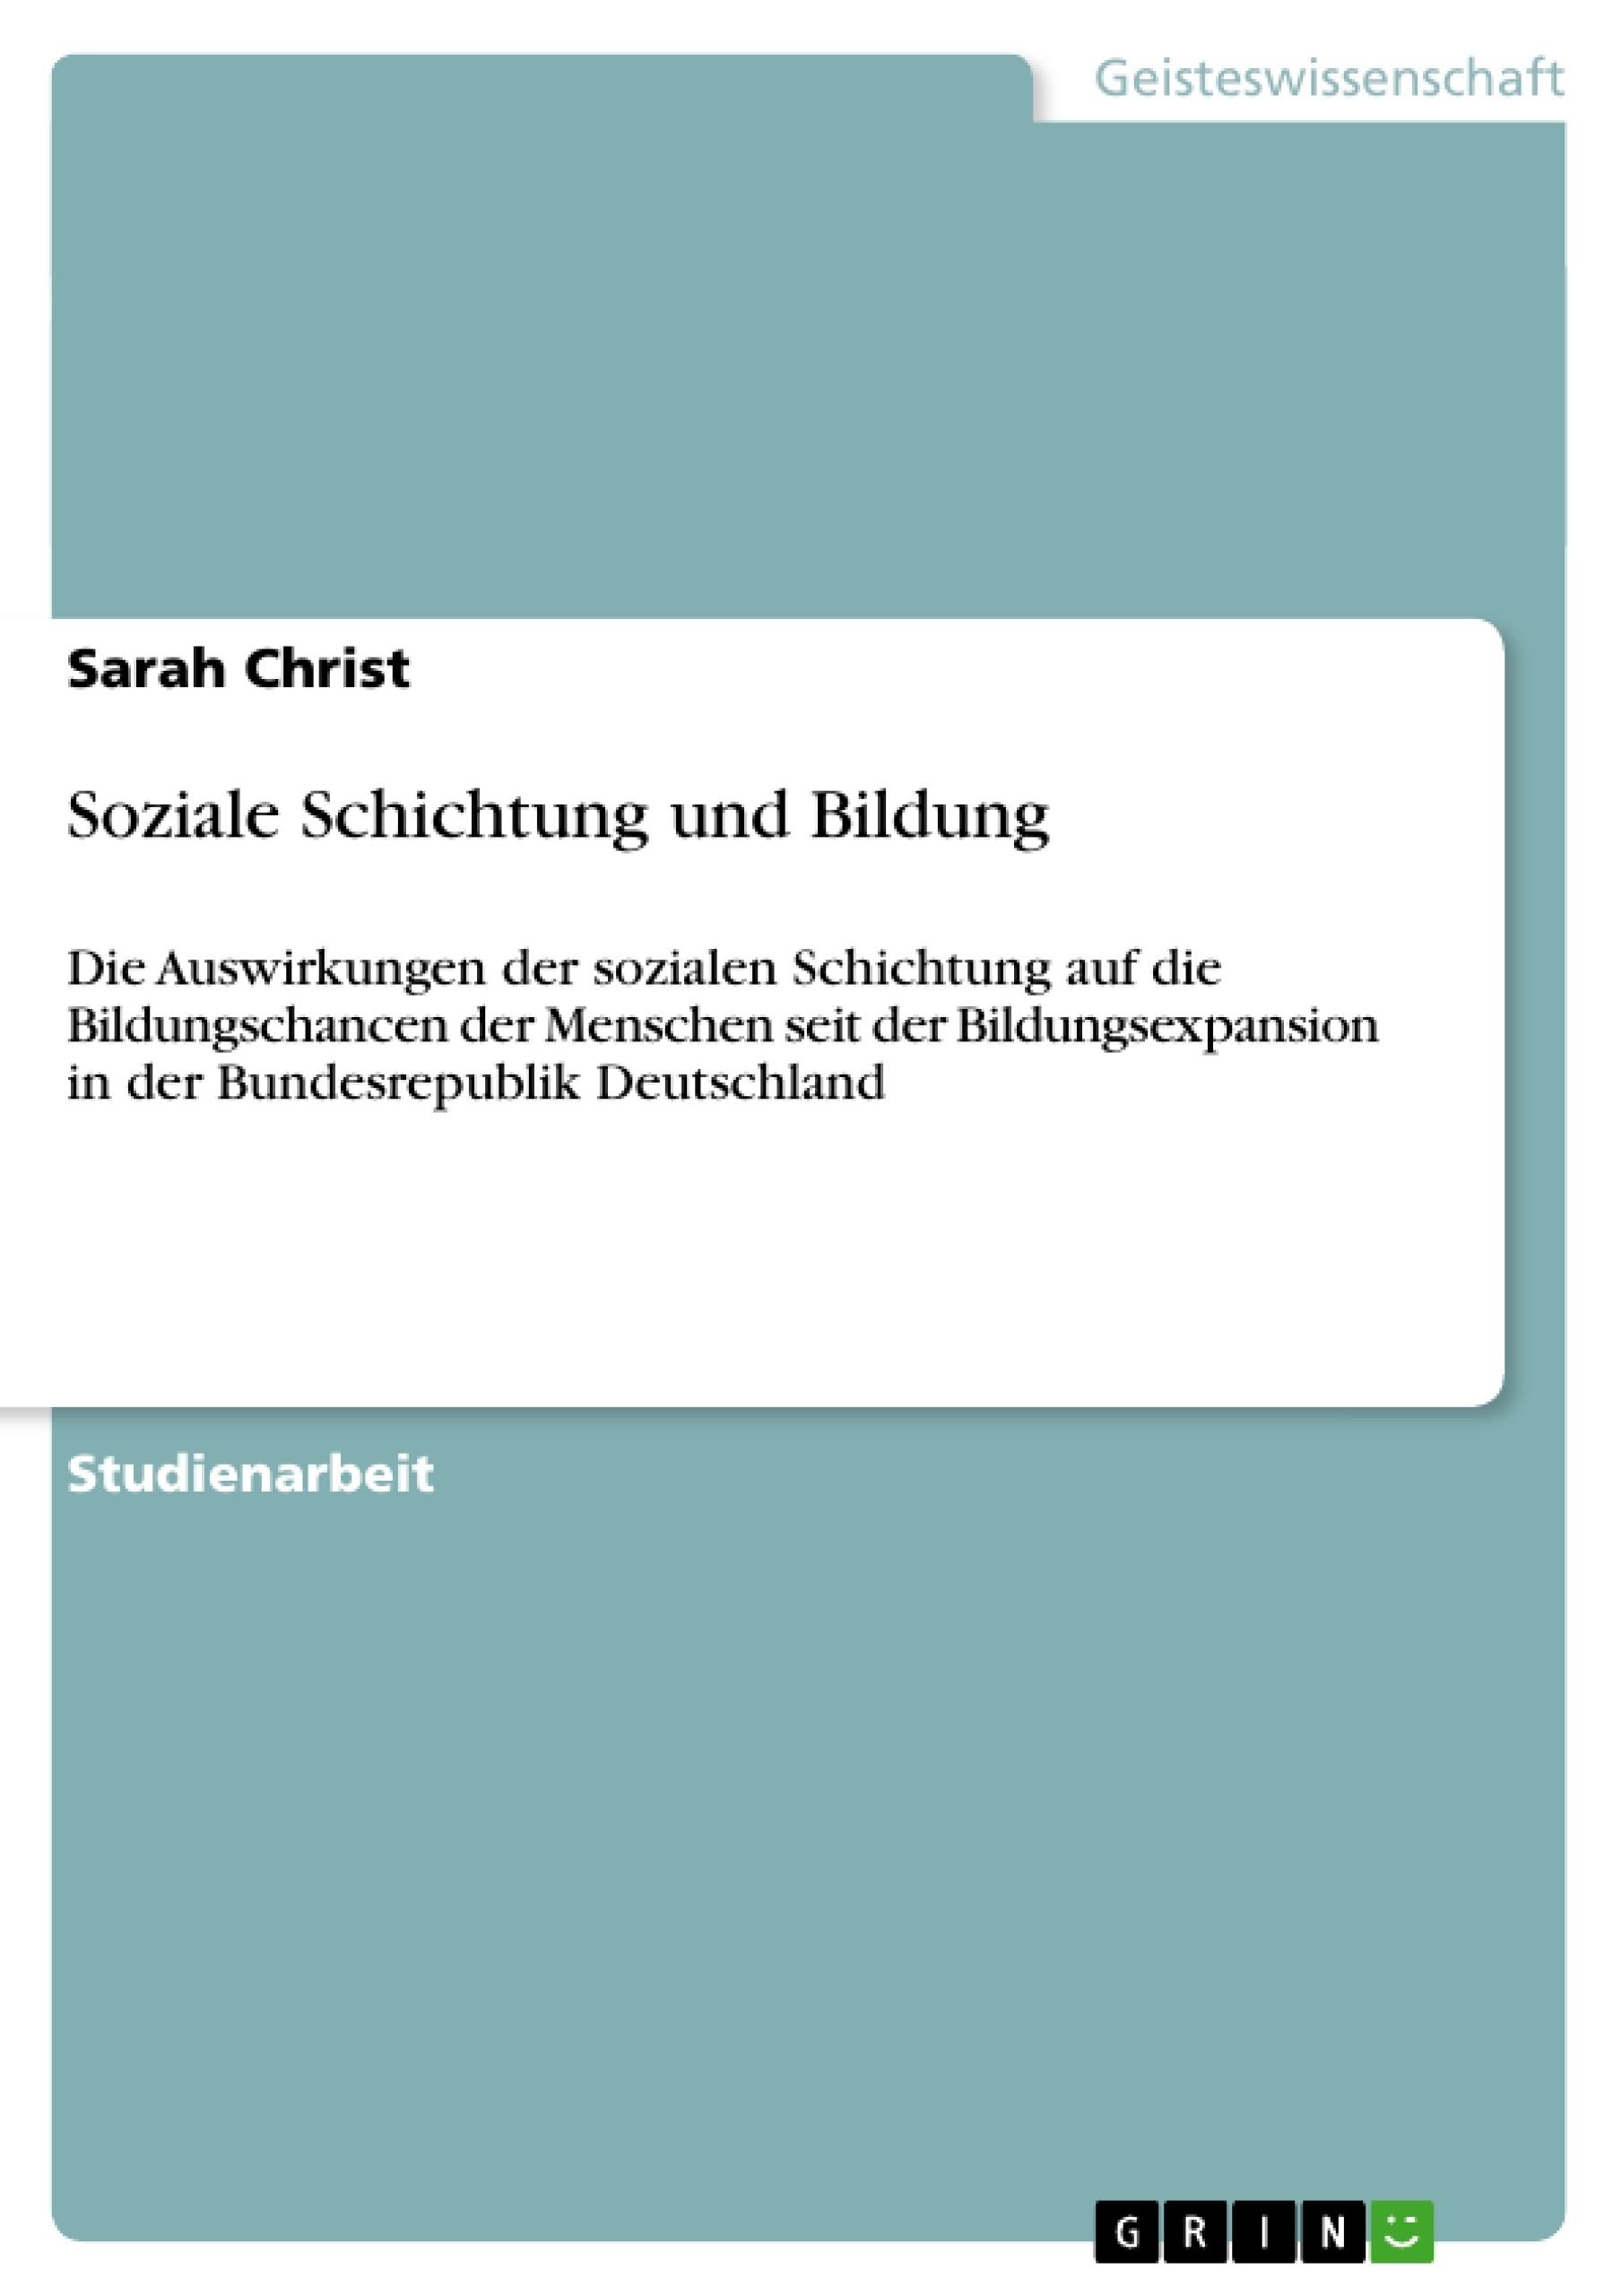 Titel: Soziale Schichtung und Bildung